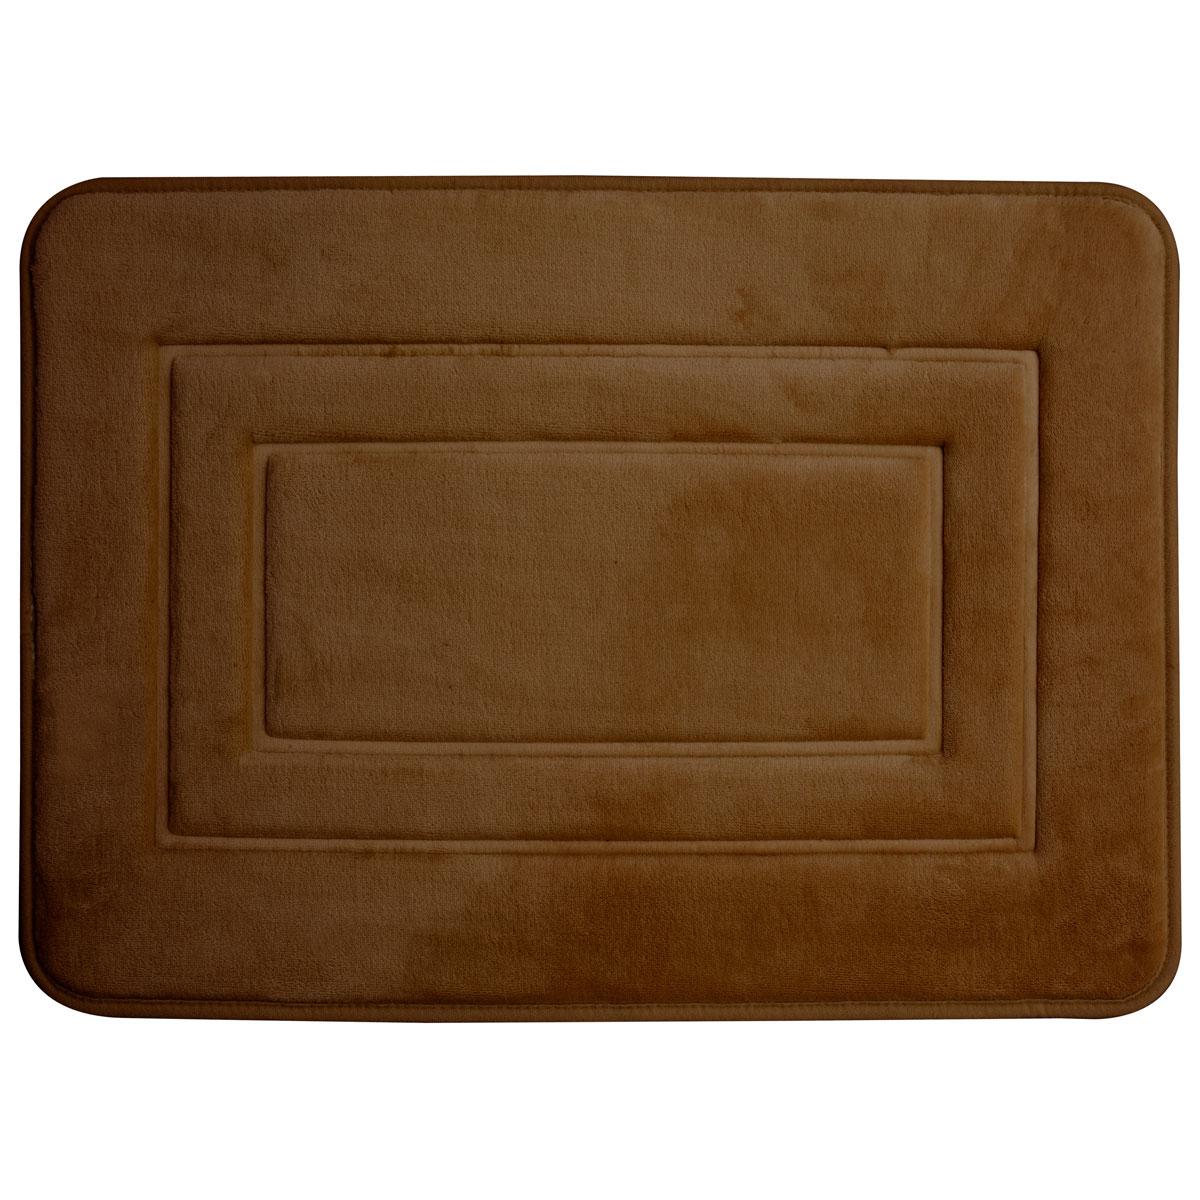 Super mäkká kúpeľňa koberec 40x60 San Brown